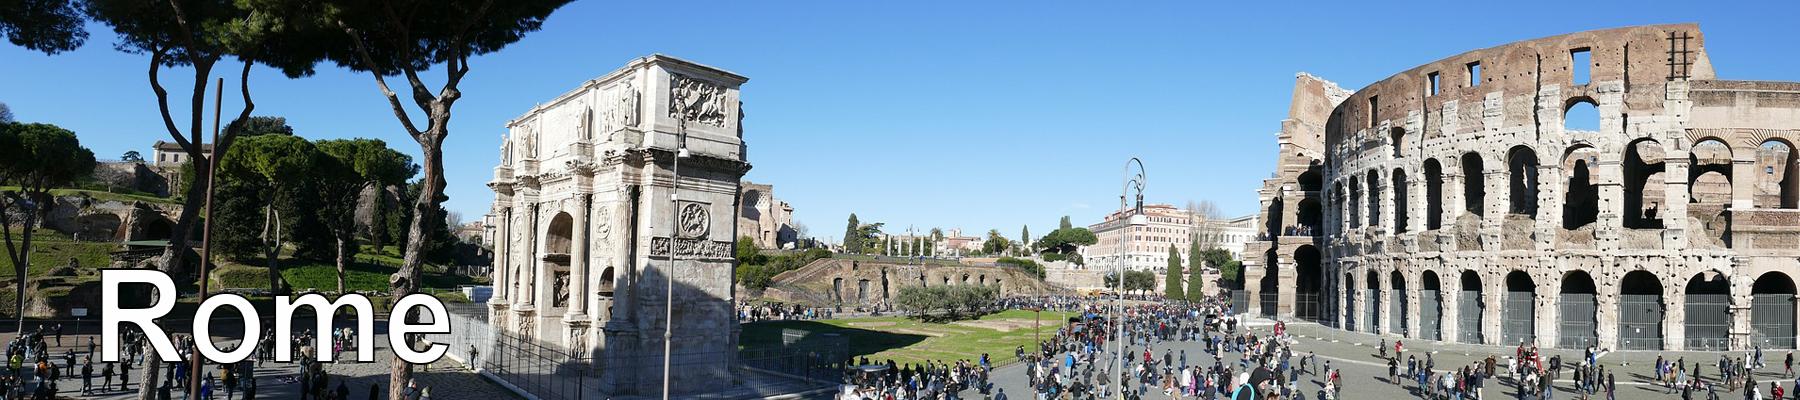 Rome: De eeuwige stad van het goede leven!